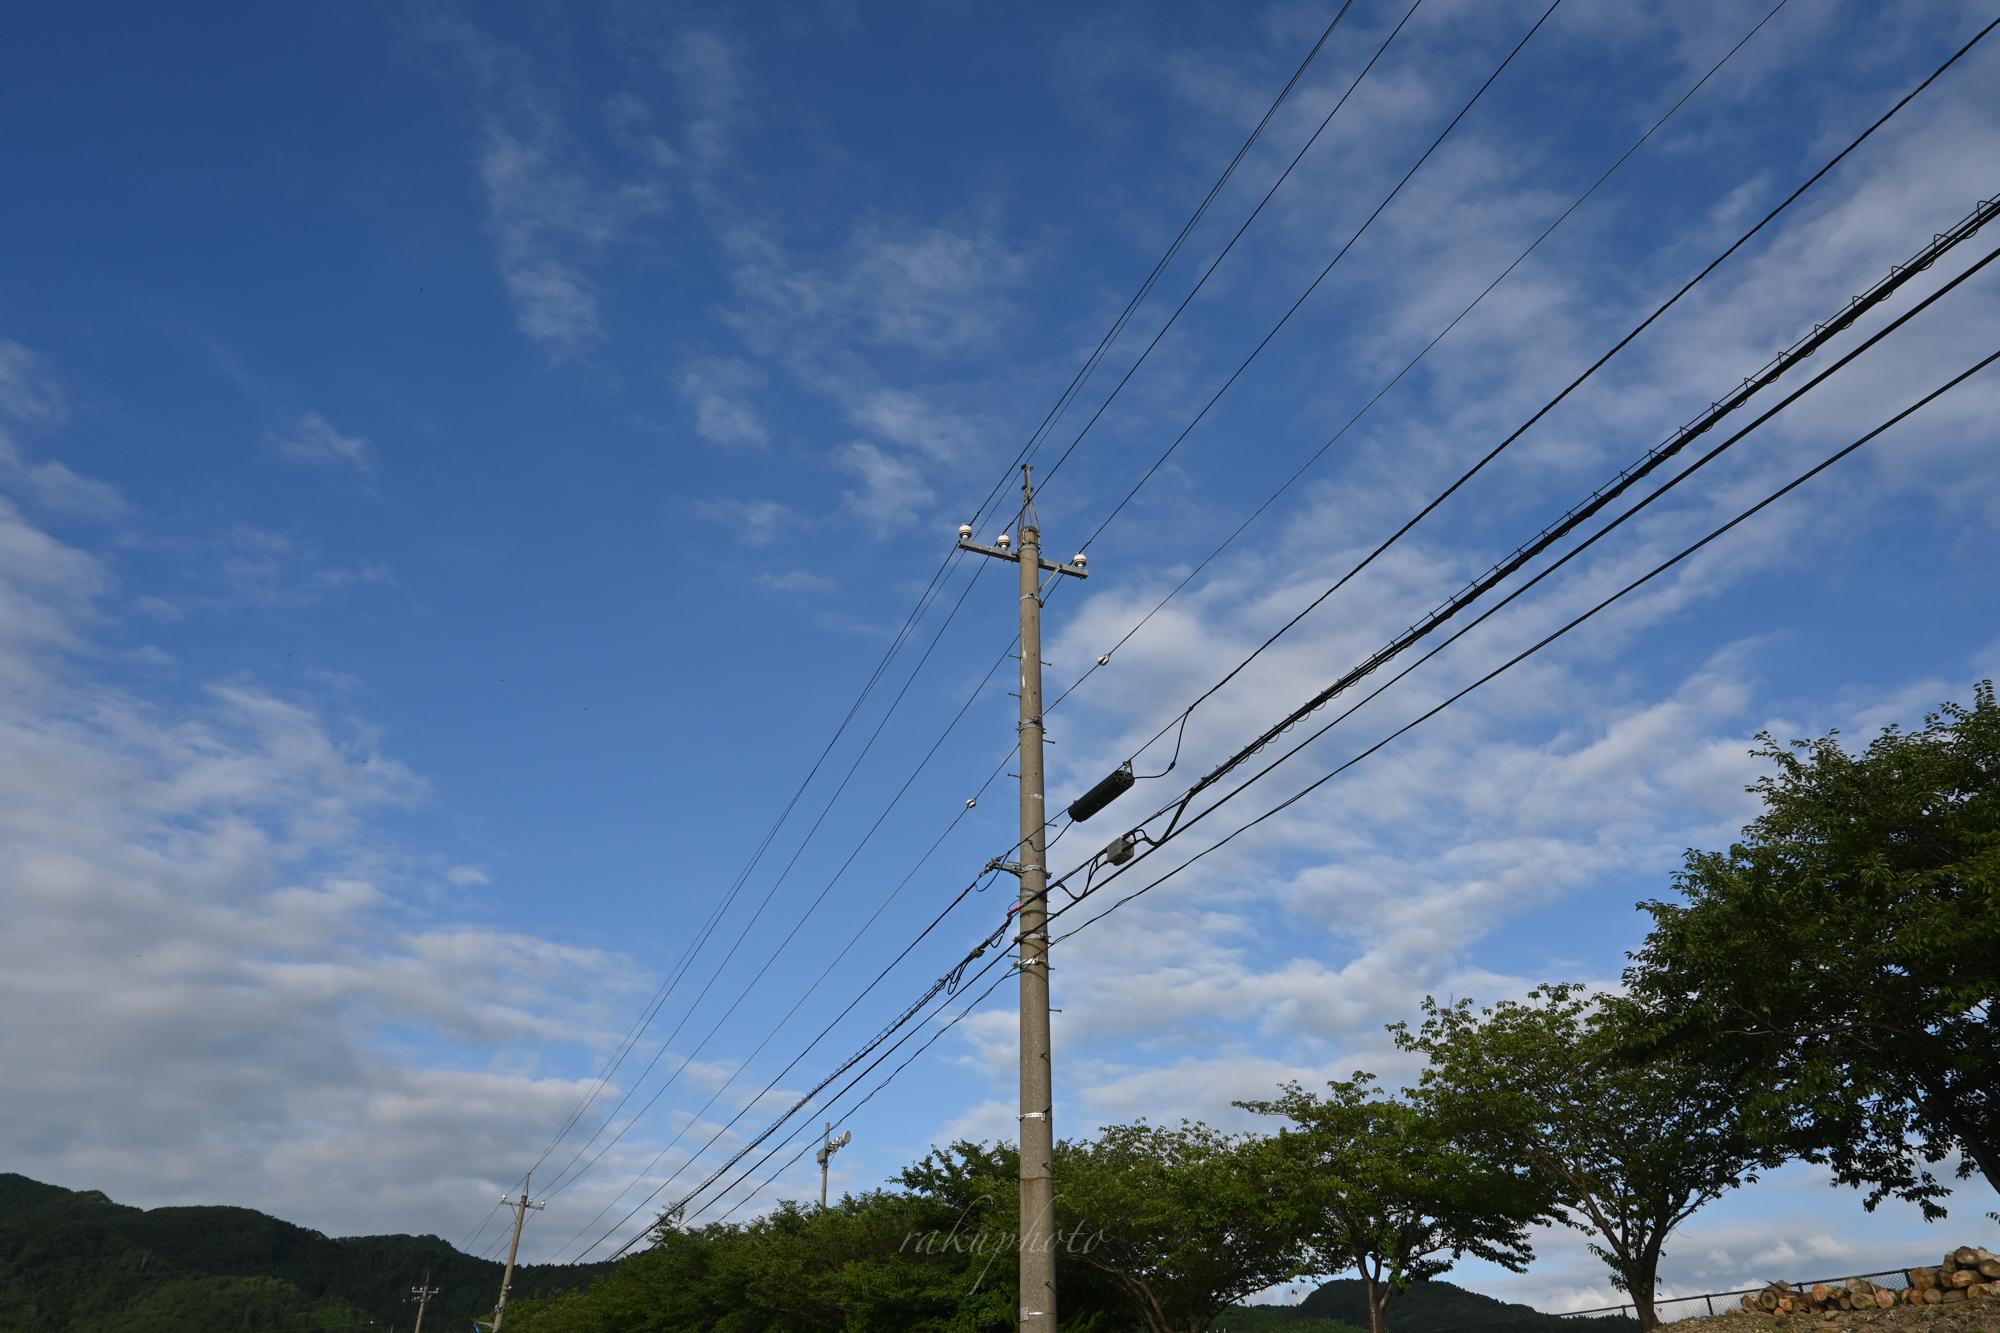 f:id:asanokawa:20210723194845j:plain